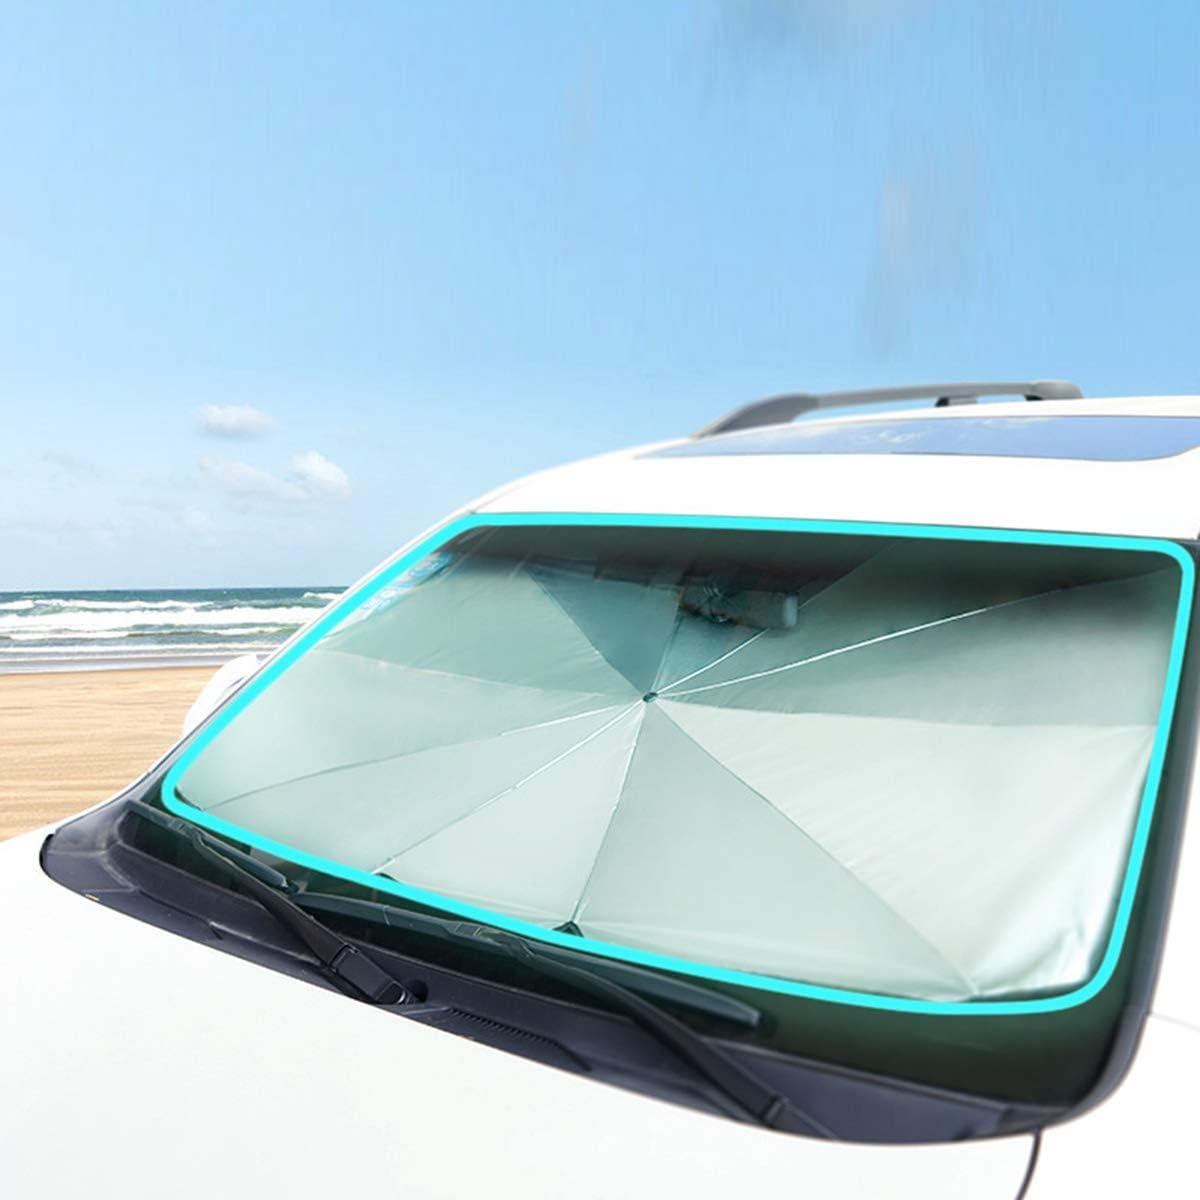 SANON Auto Coche Frente Ventana Trasera Visera Parabrisas Bloque Protector Parasol Protecci/ón Ultravioleta Parasol Pel/ícula para Coche Protector Solar Coche Protector Solar